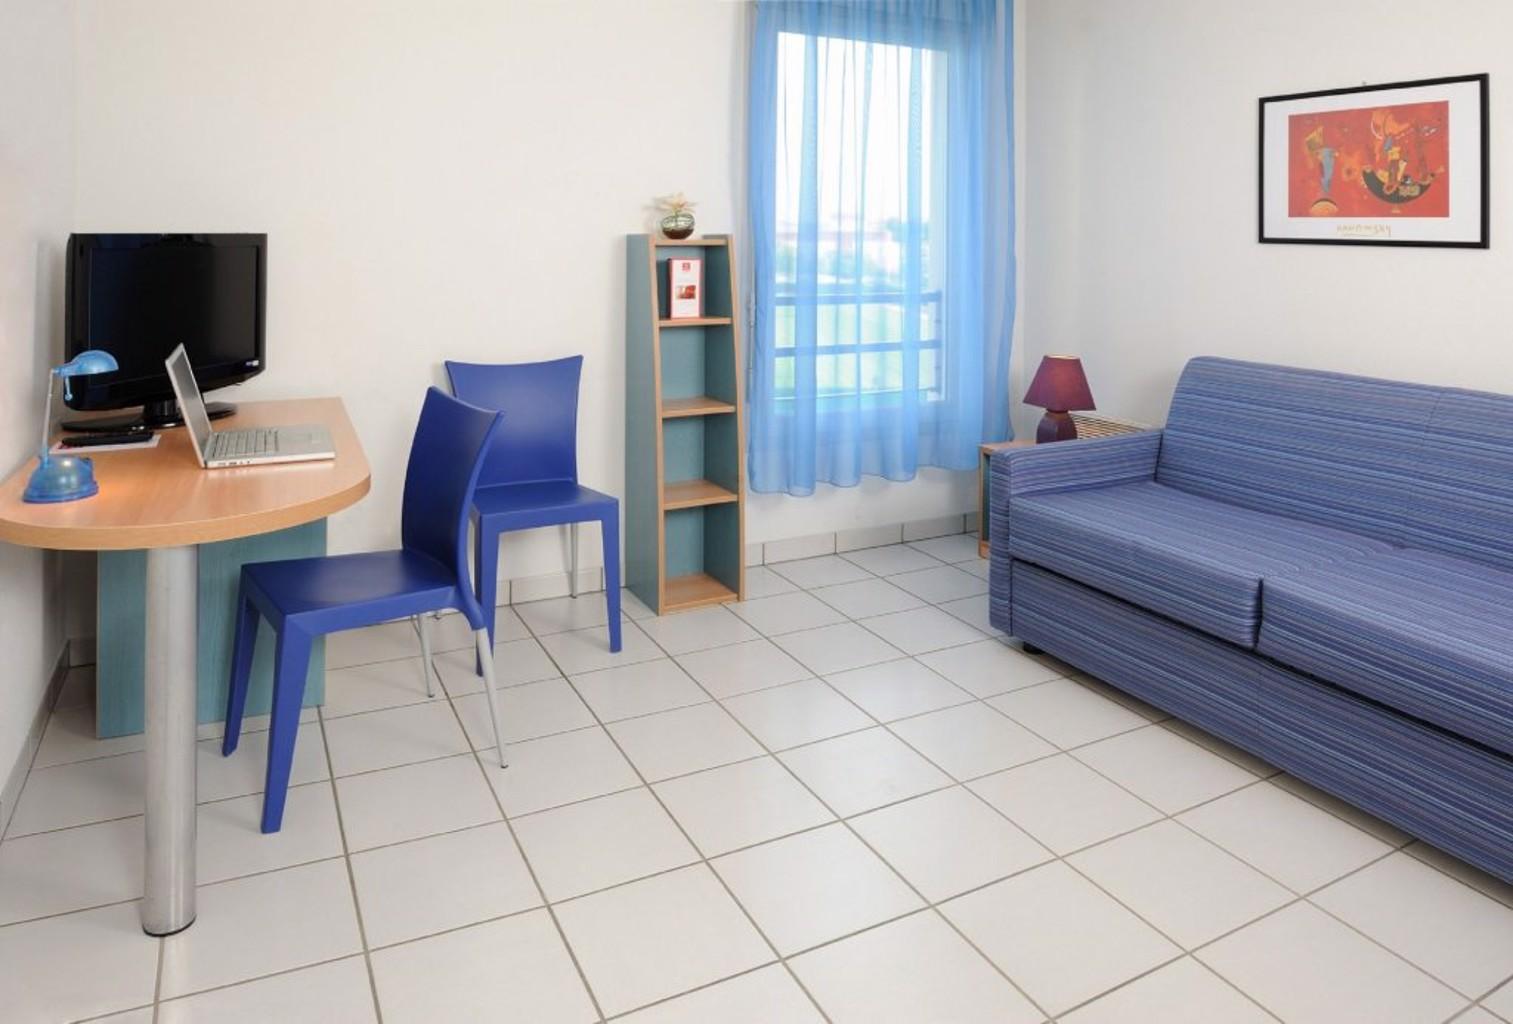 Gallery image of Sejours et Affaires Clermont Ferrand Park Republique